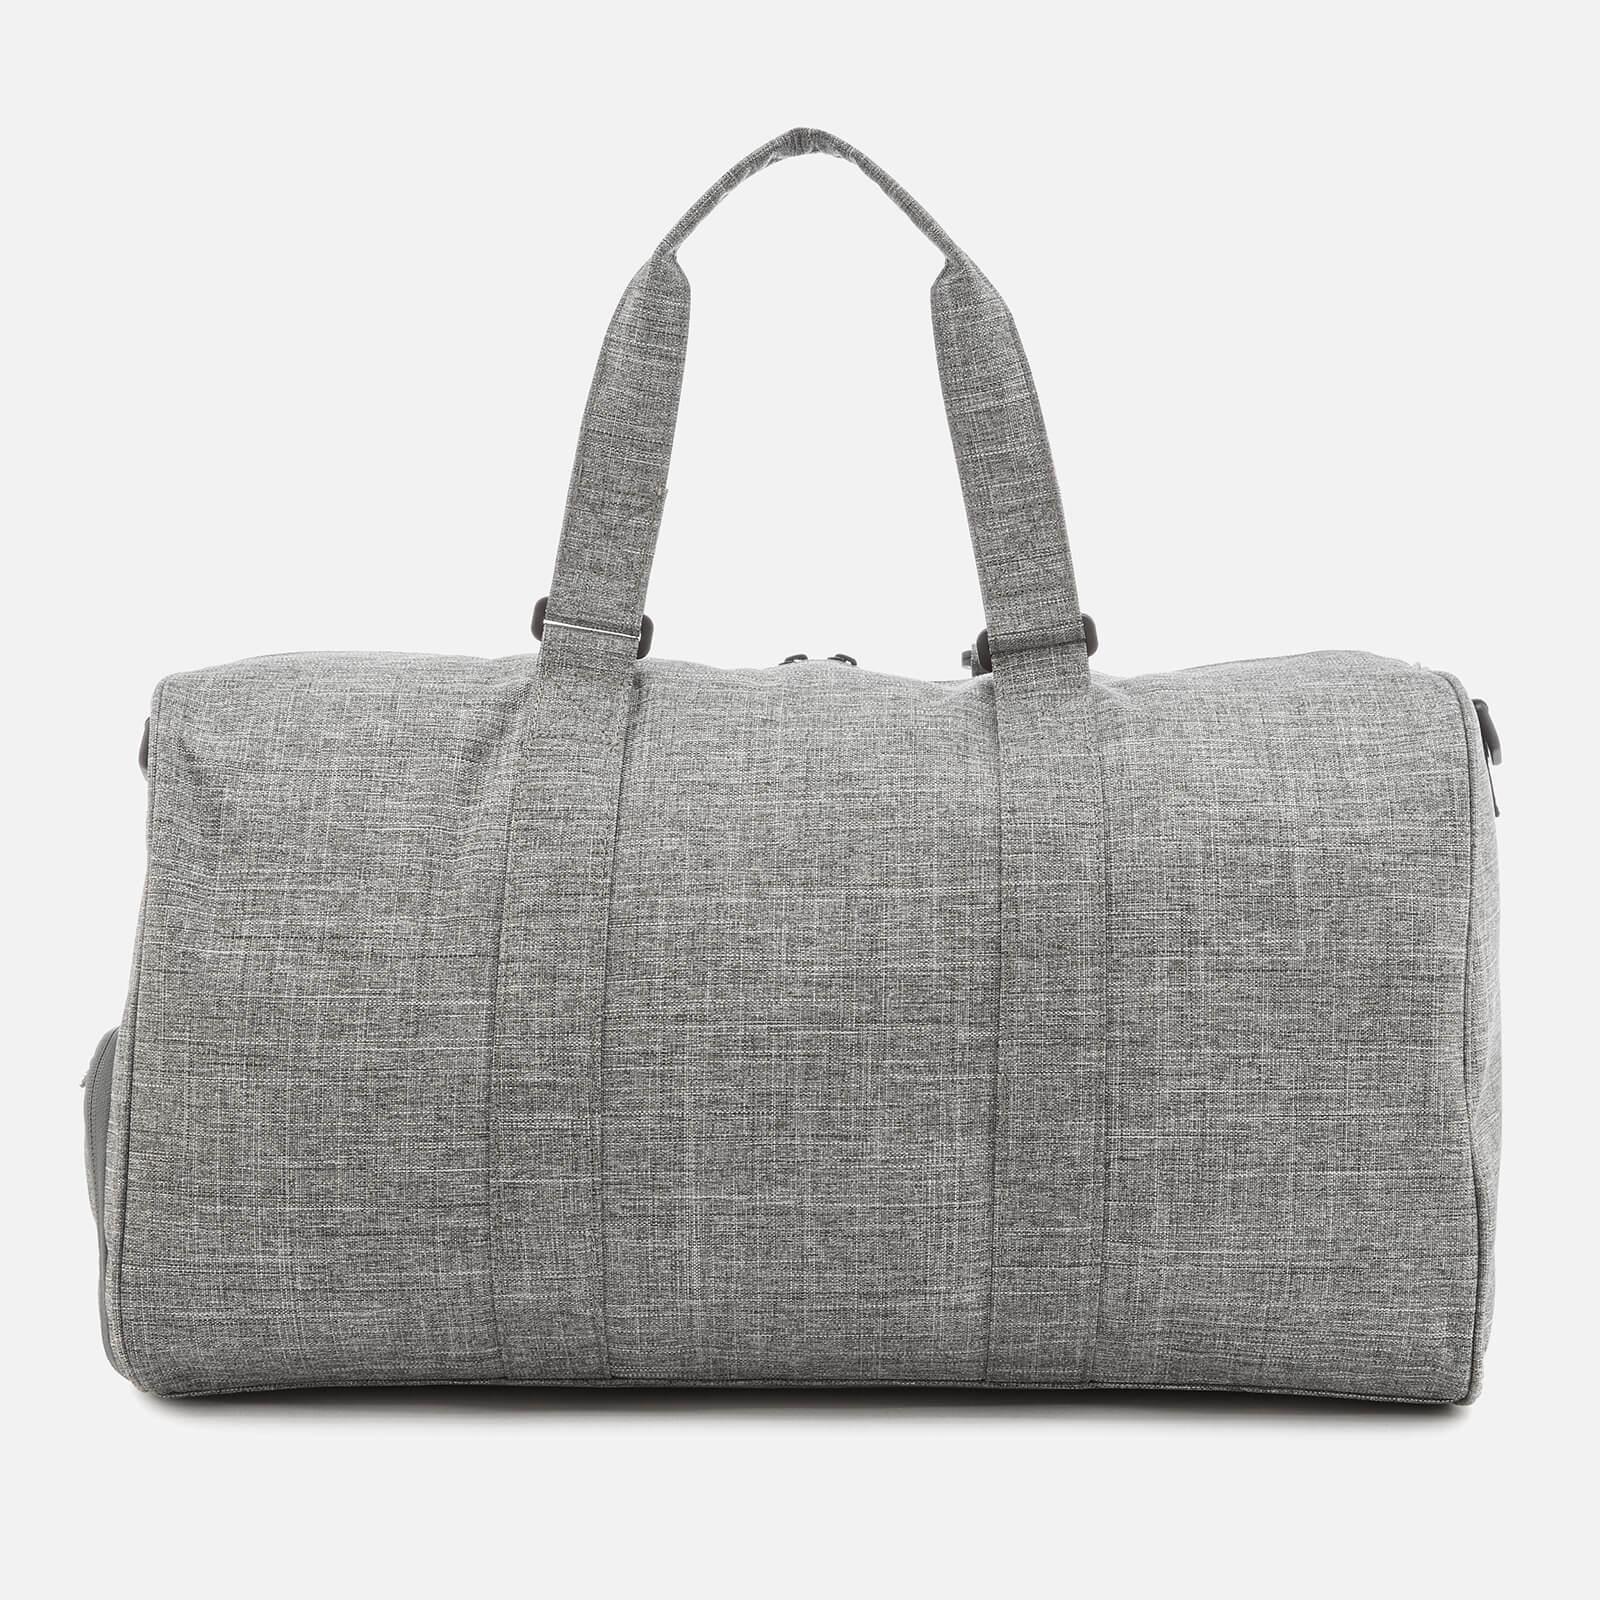 d7abe026d4 Herschel Supply Co. - Gray Novel Duffle Weekend Bag for Men - Lyst. View  fullscreen